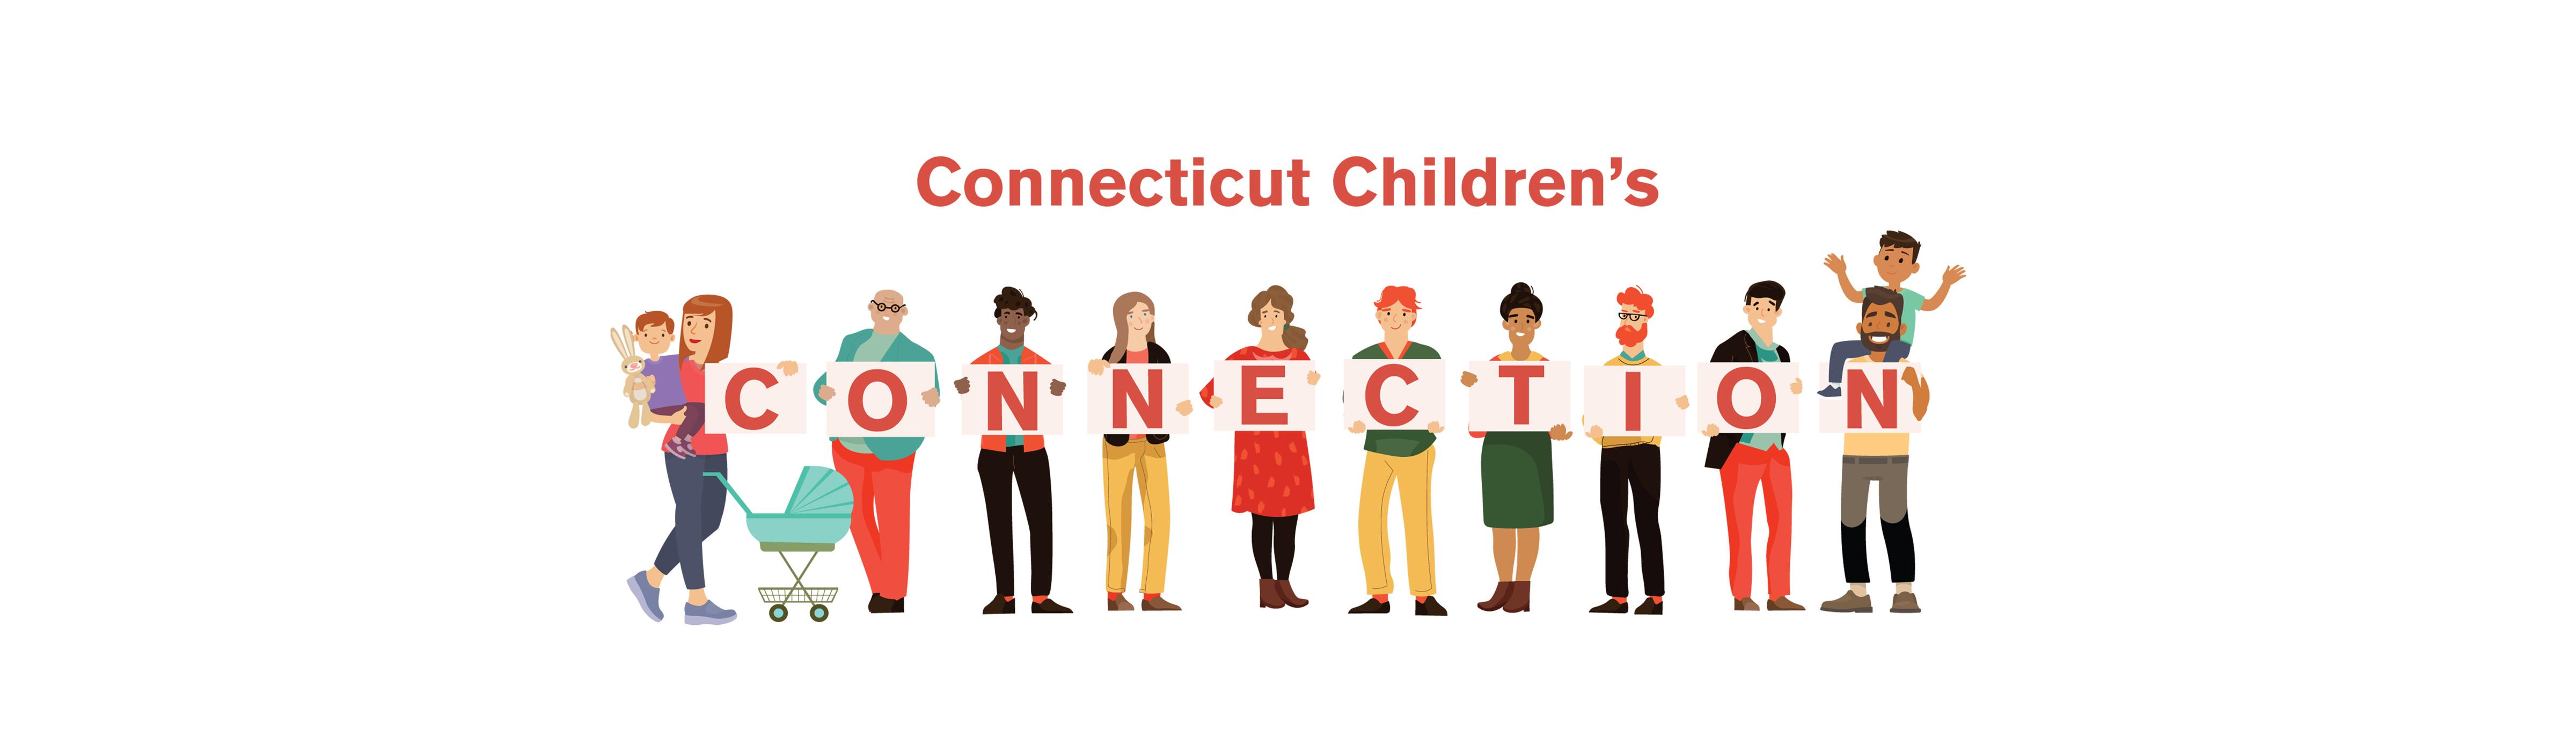 Connecticut Children's Foundation   Connection